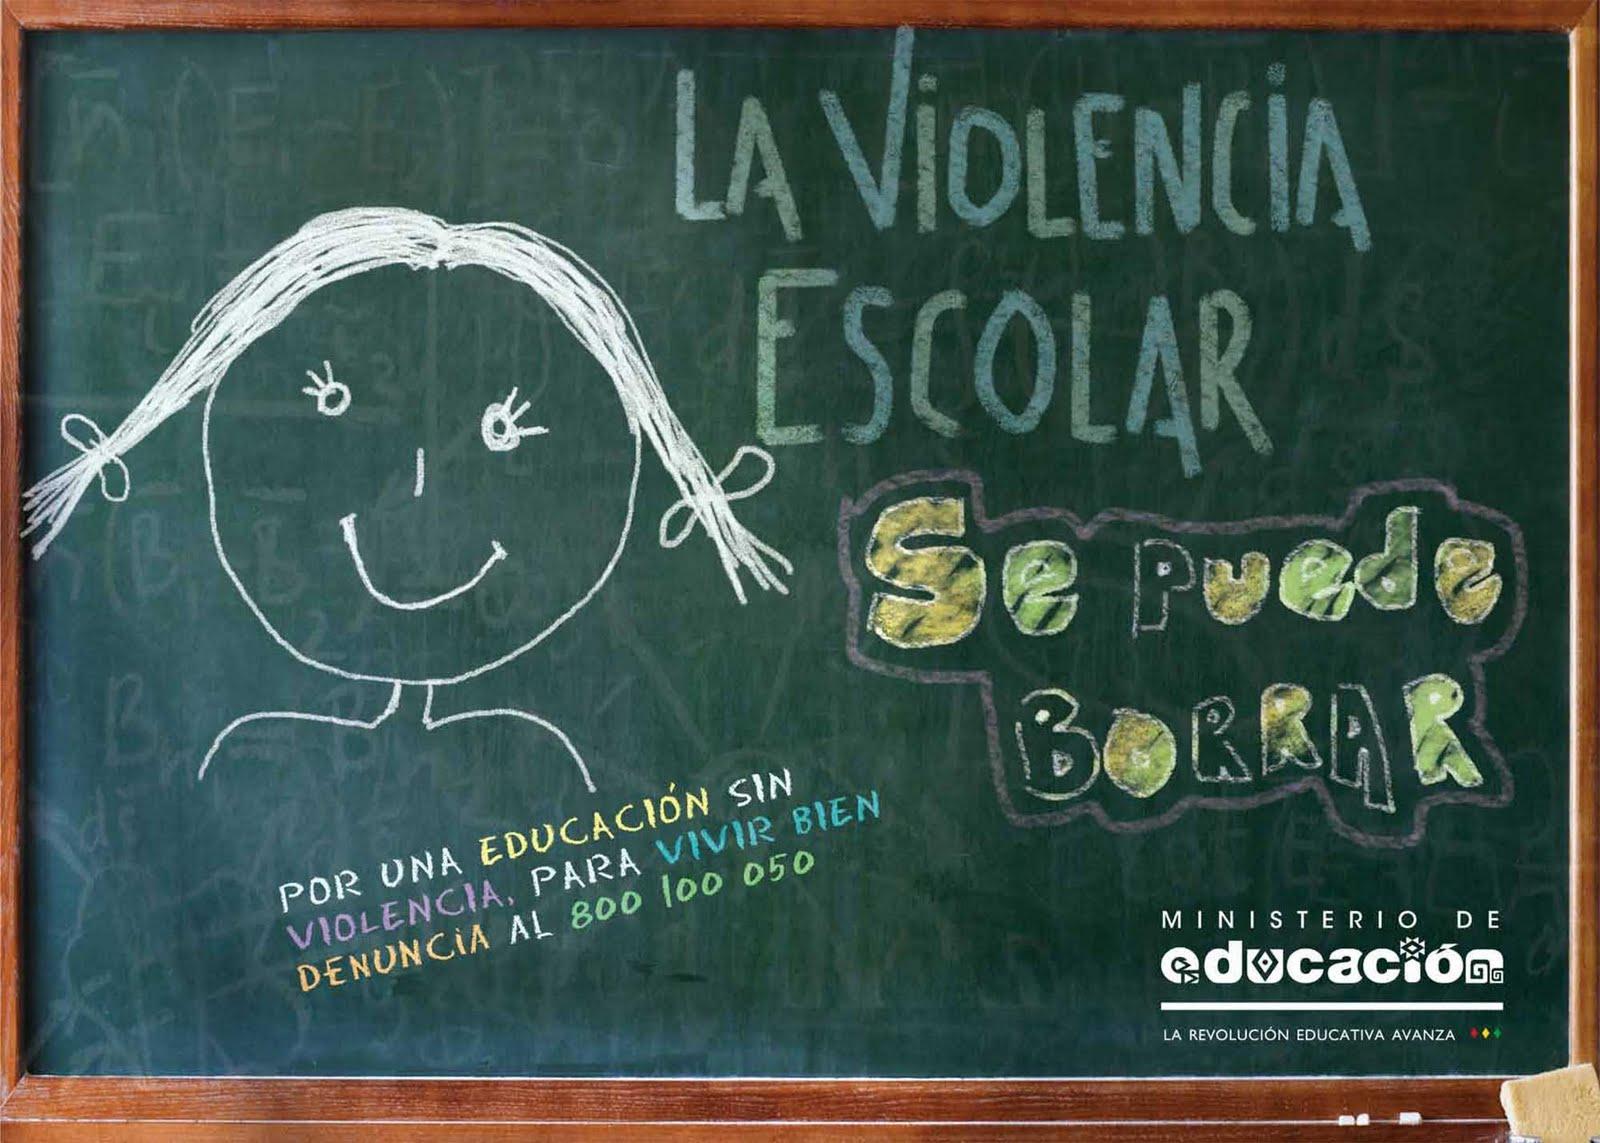 La violencia escolar se puede borrar